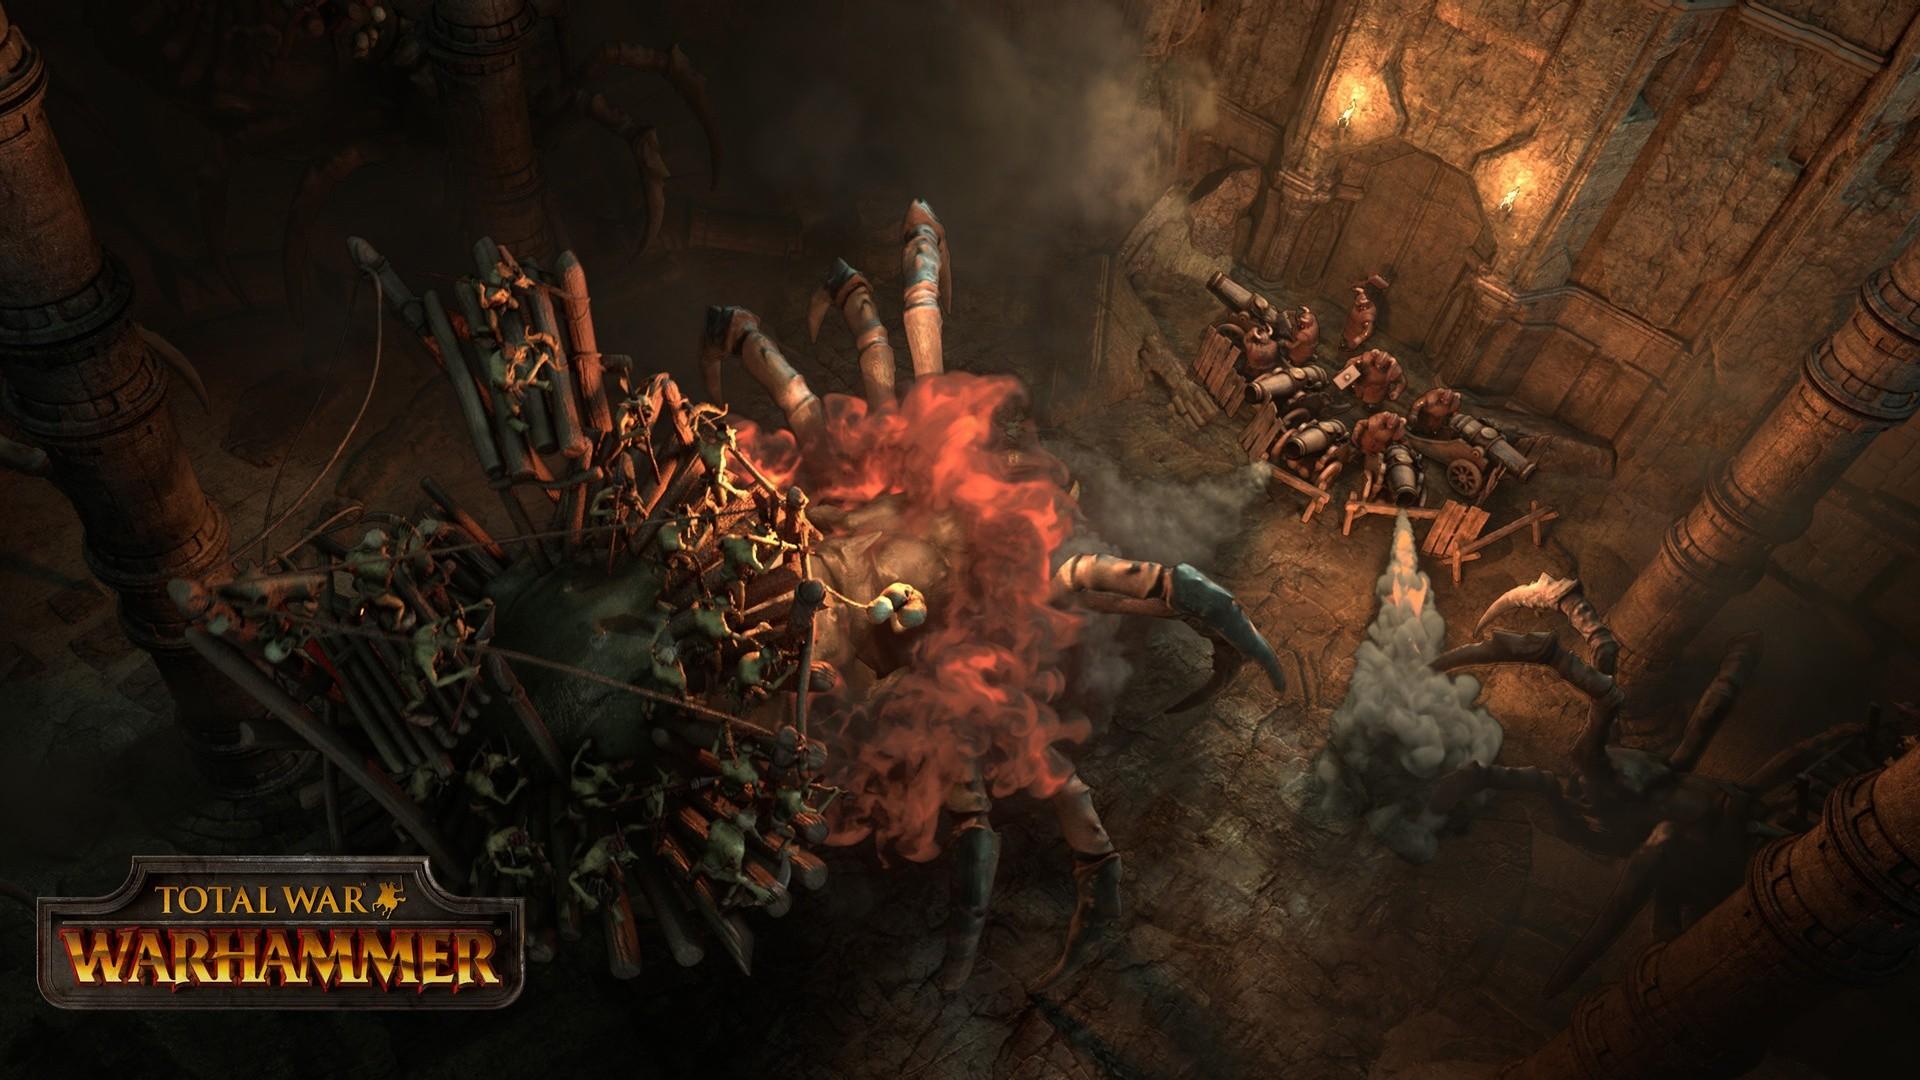 Total War: Warhammer High Total War: Warhammer HD